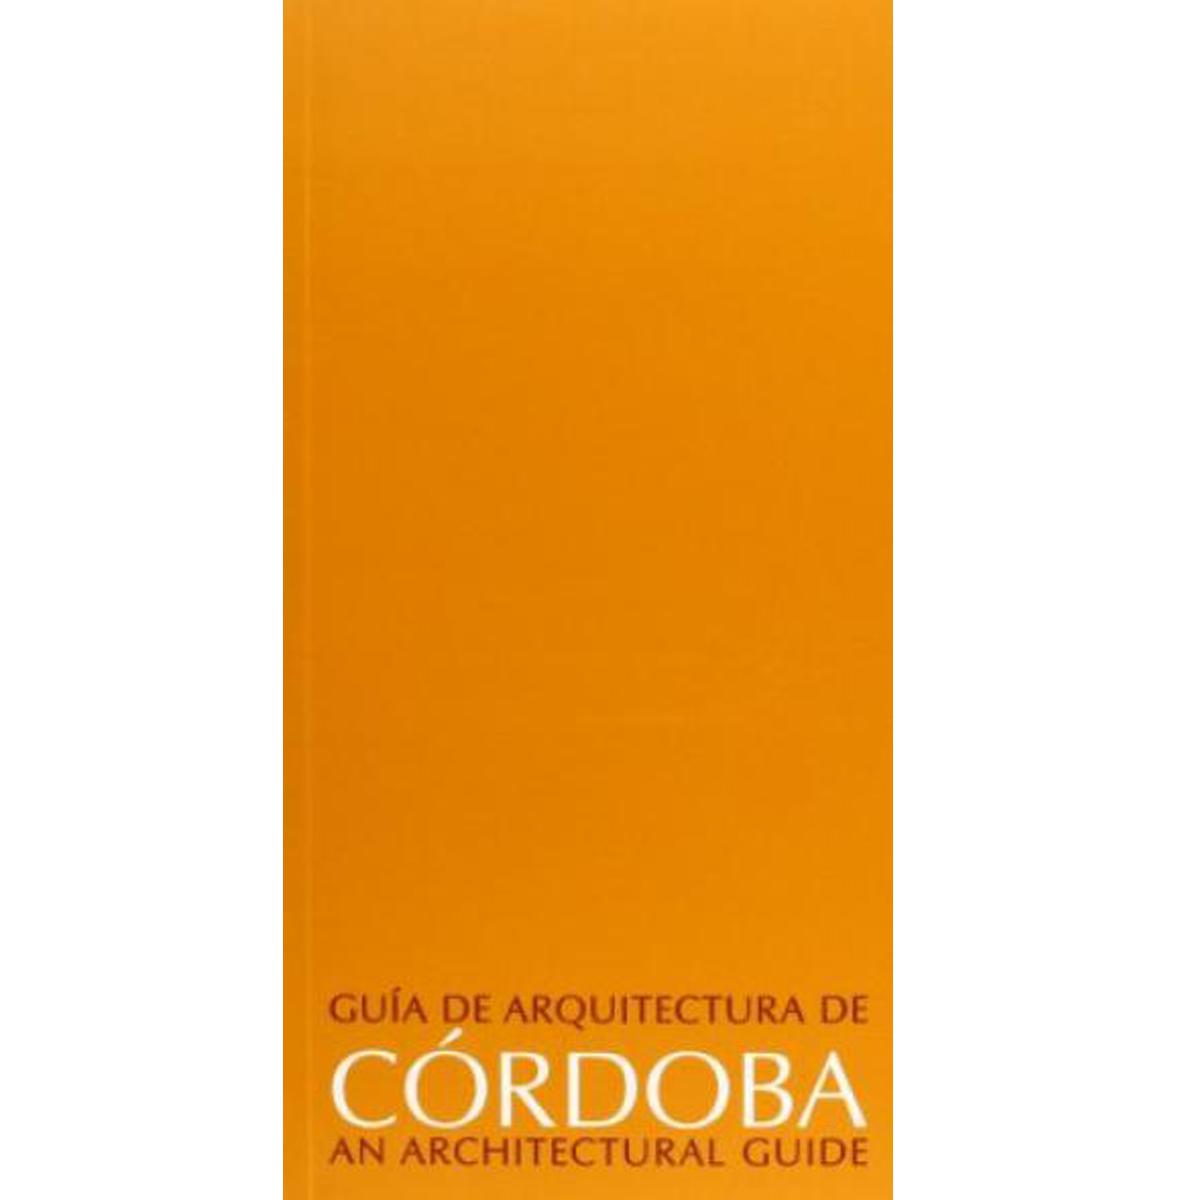 Guía de arquitectura de Córdoba